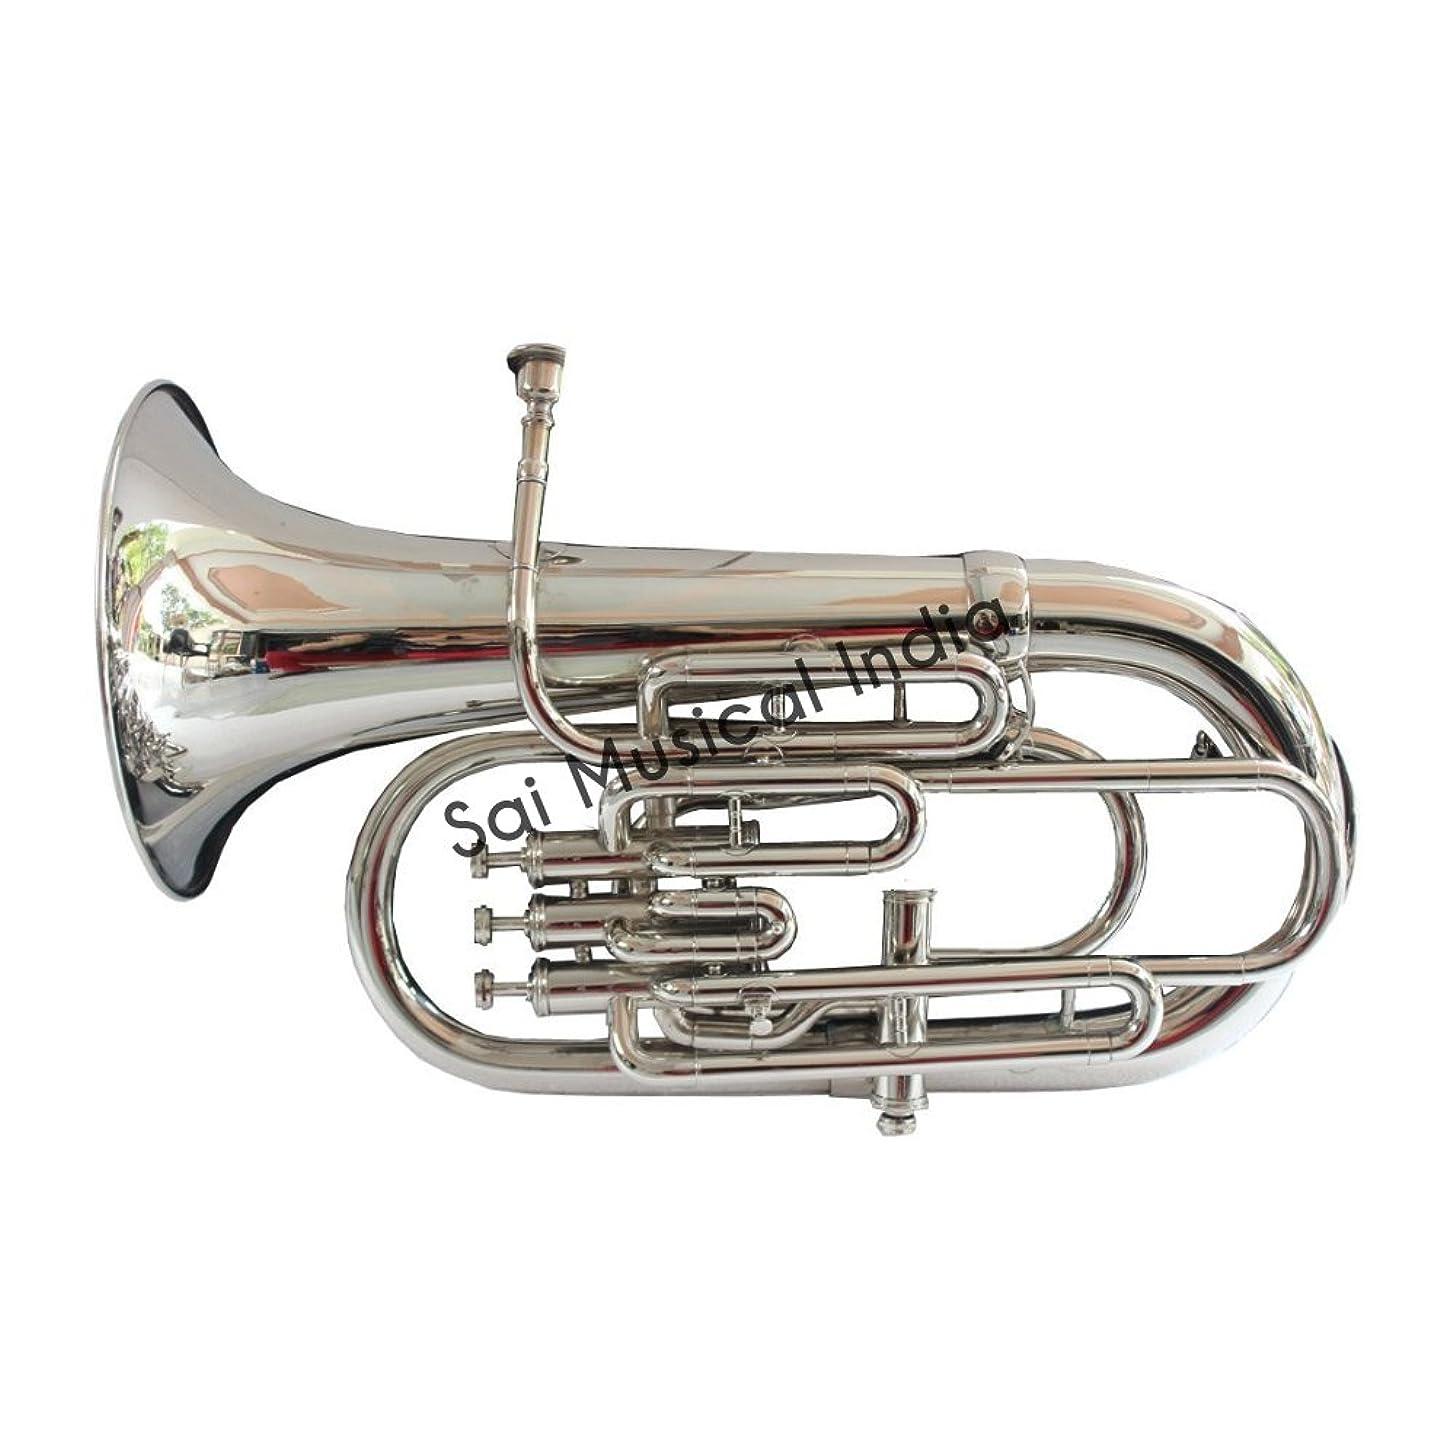 Queen Brass Euphonium Peu-025, Bb, 4 Valve (Nickel)